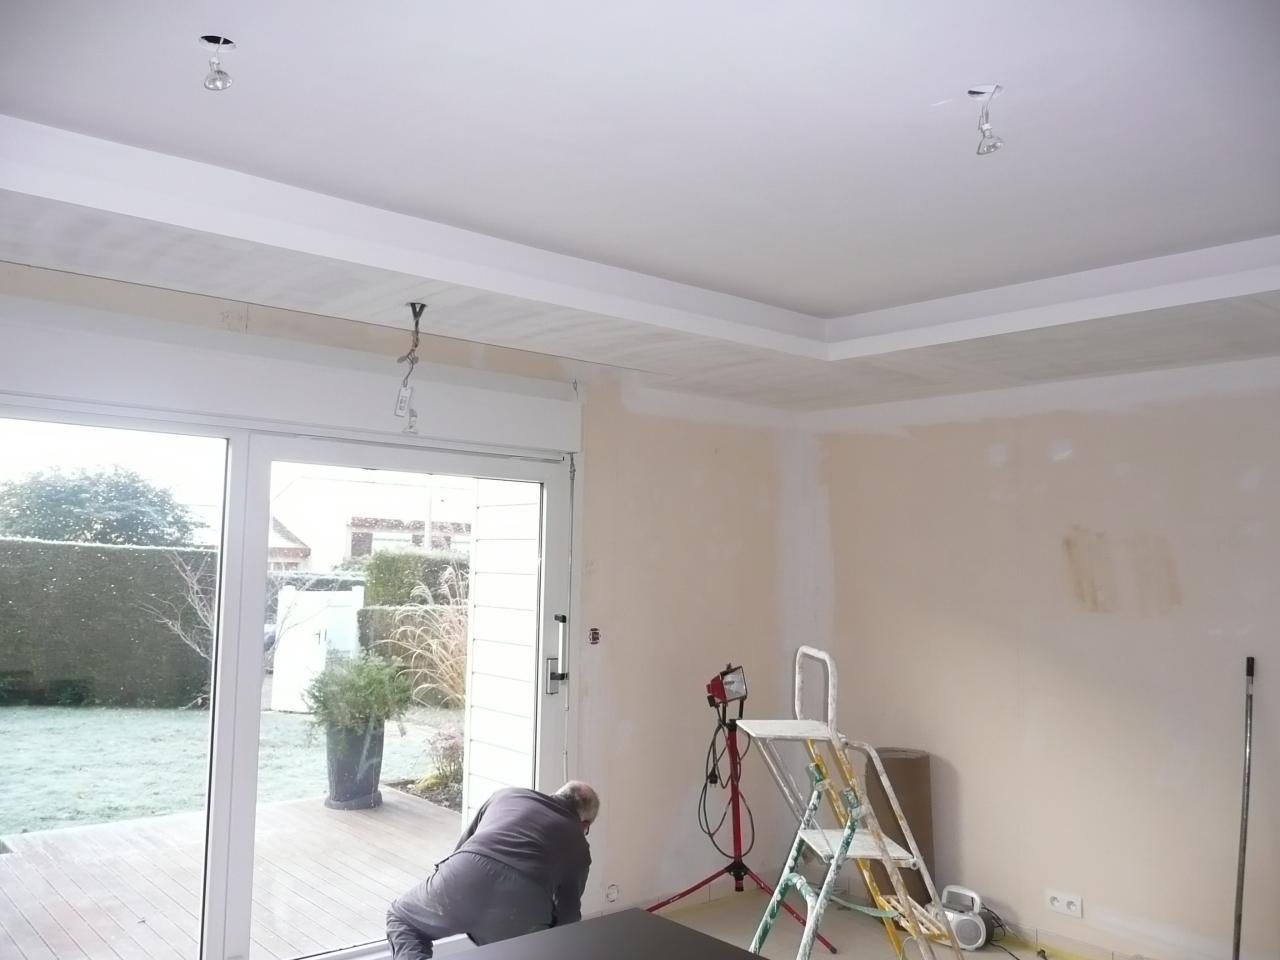 Proportion faux plafond for Image faux plafond